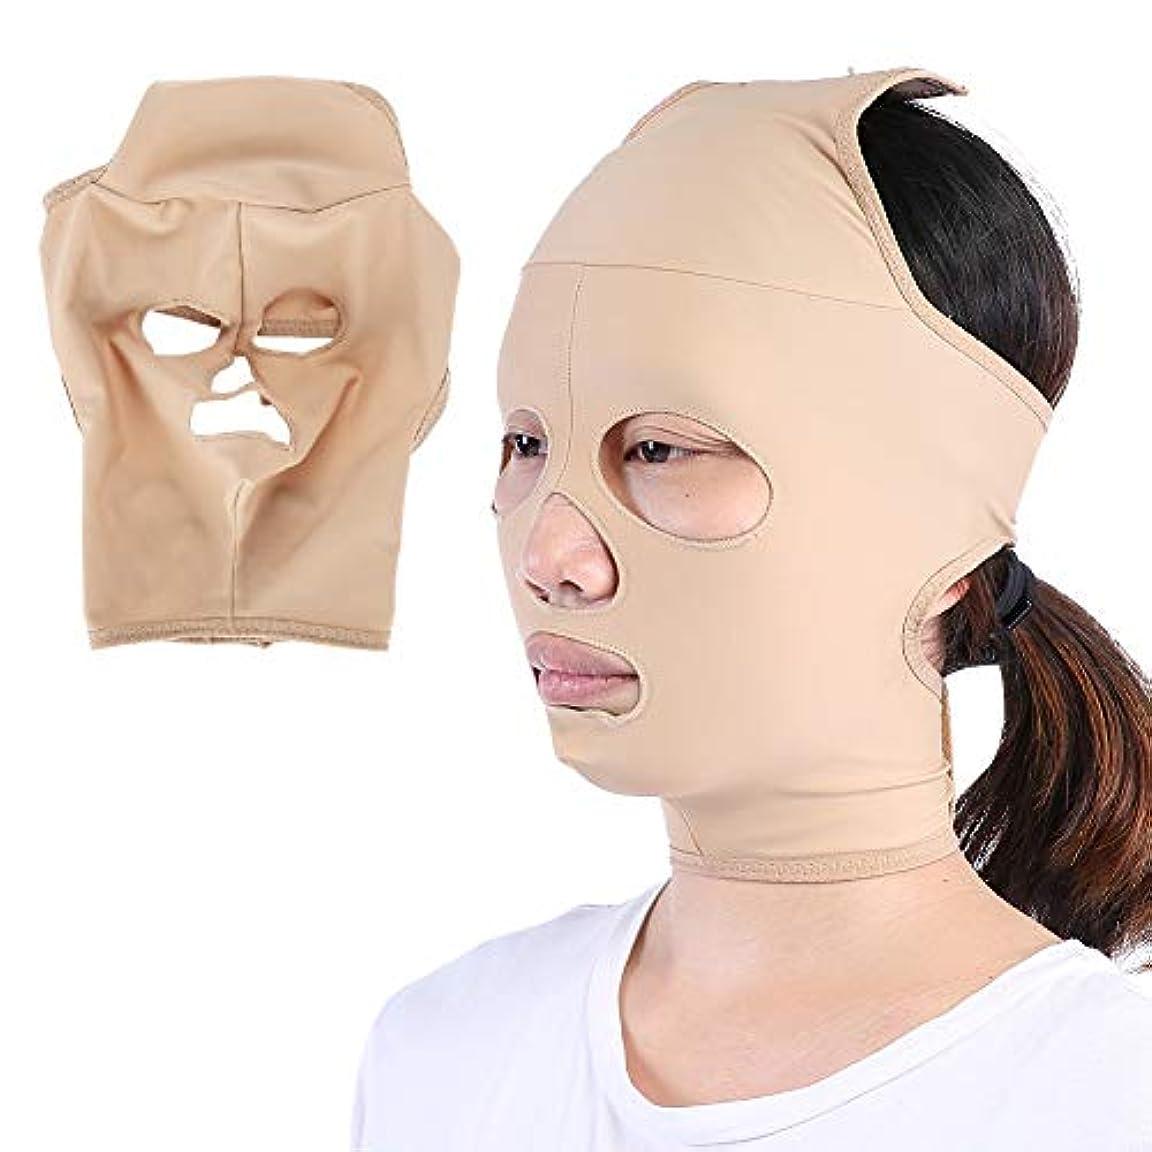 一般過ちベリ顔の减量のベルト、完全なカバレッジ 顔のVラインを向上させる 二重顎を減らす二重顎、スキンケア包帯(S)